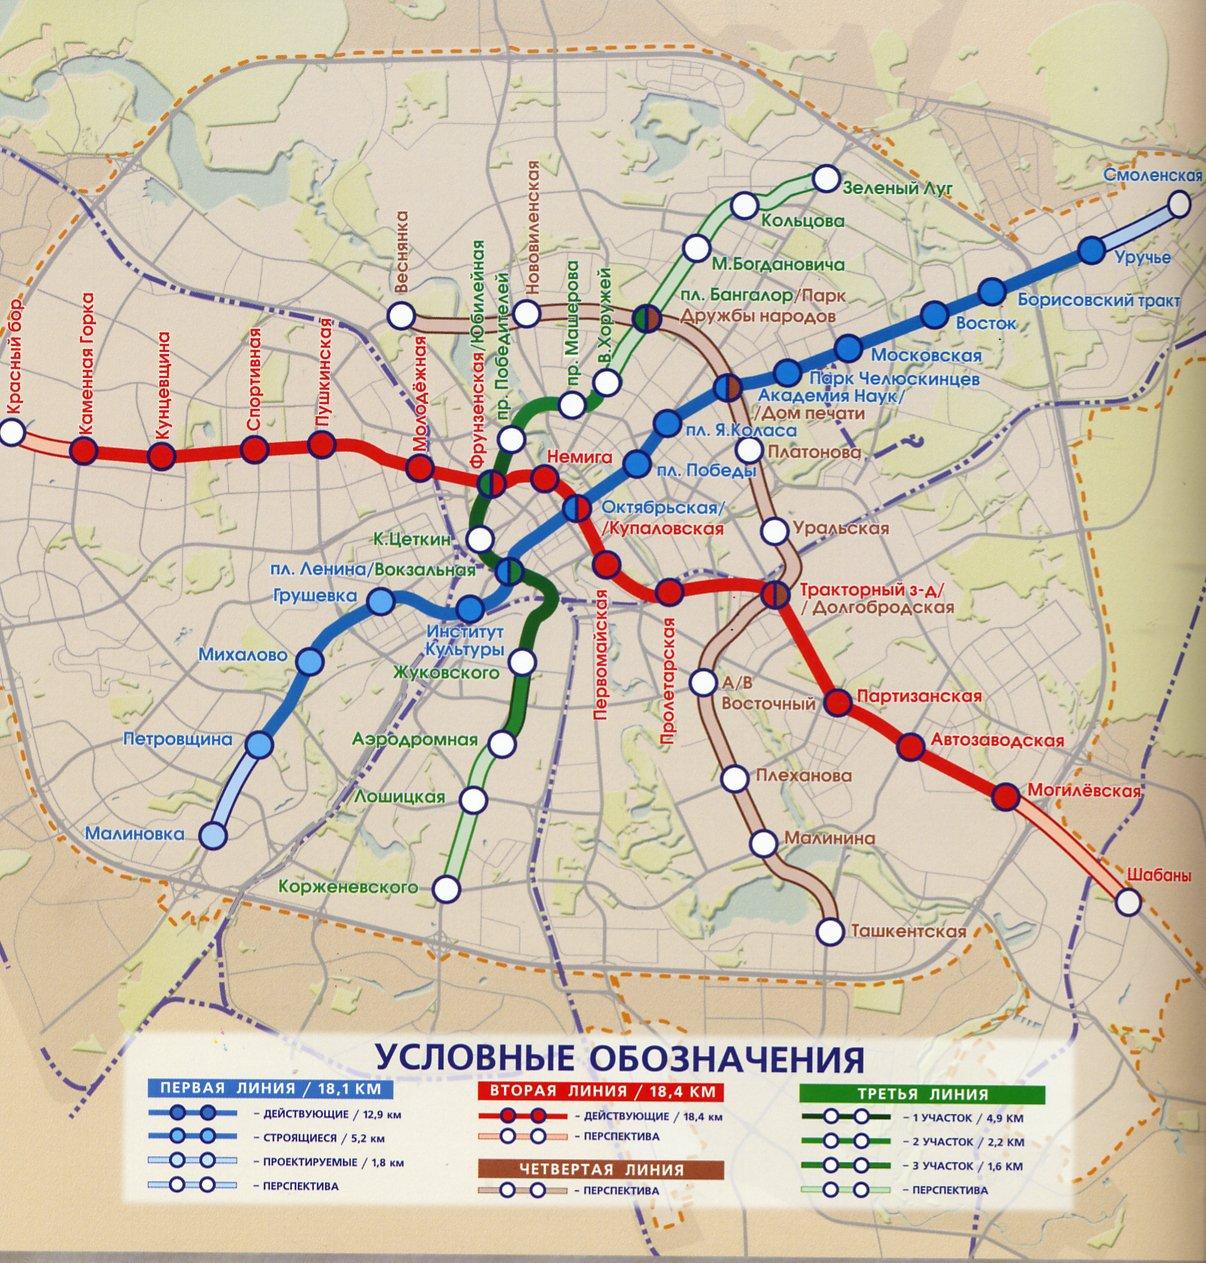 h картинку схемы метро москвы